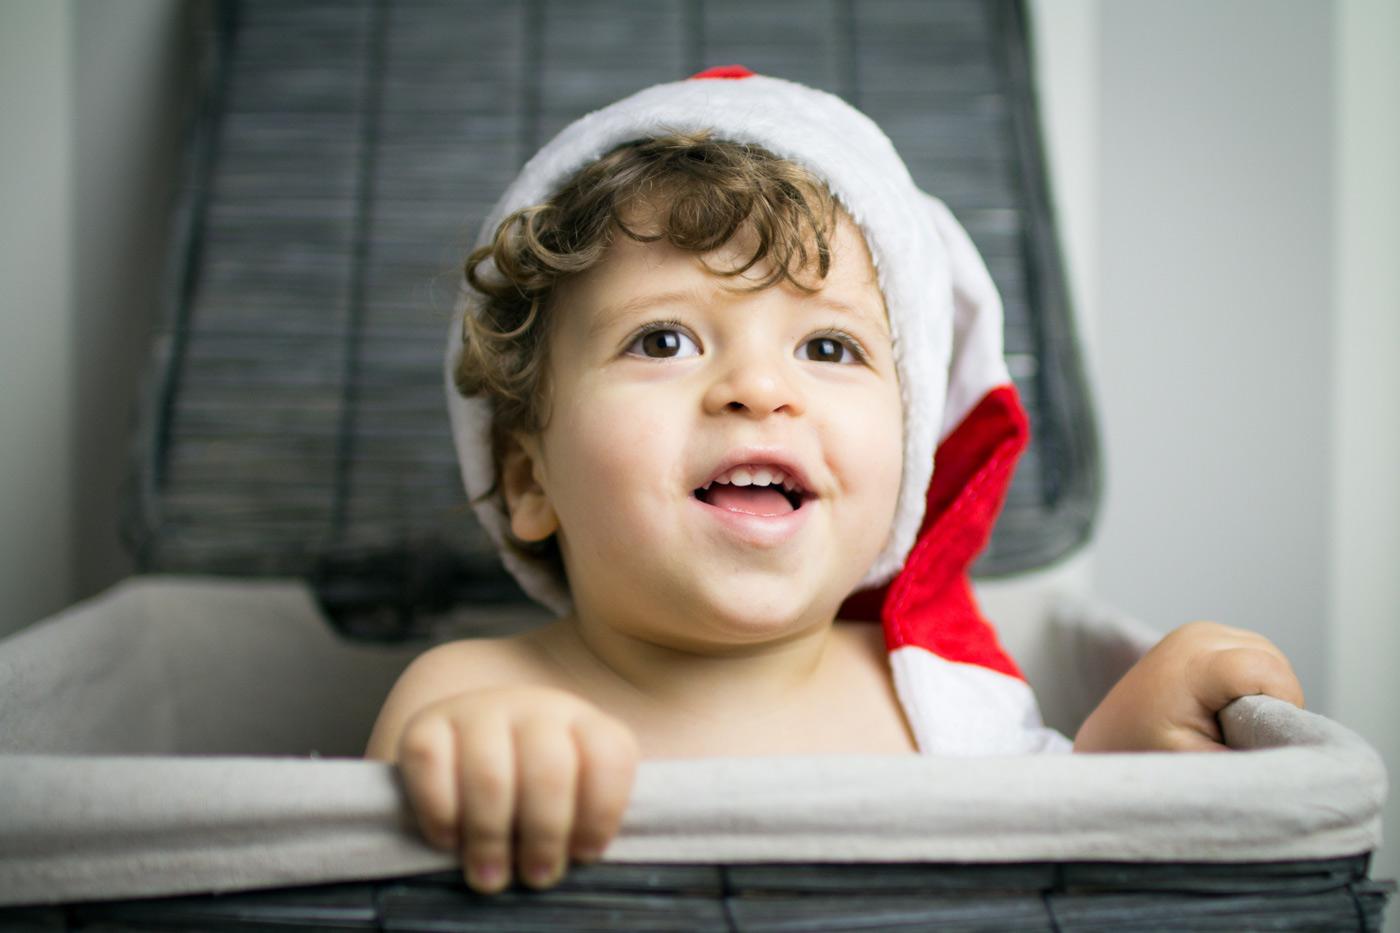 niño sonriendo escondido en la cesta de la colada con un gorro de navidad